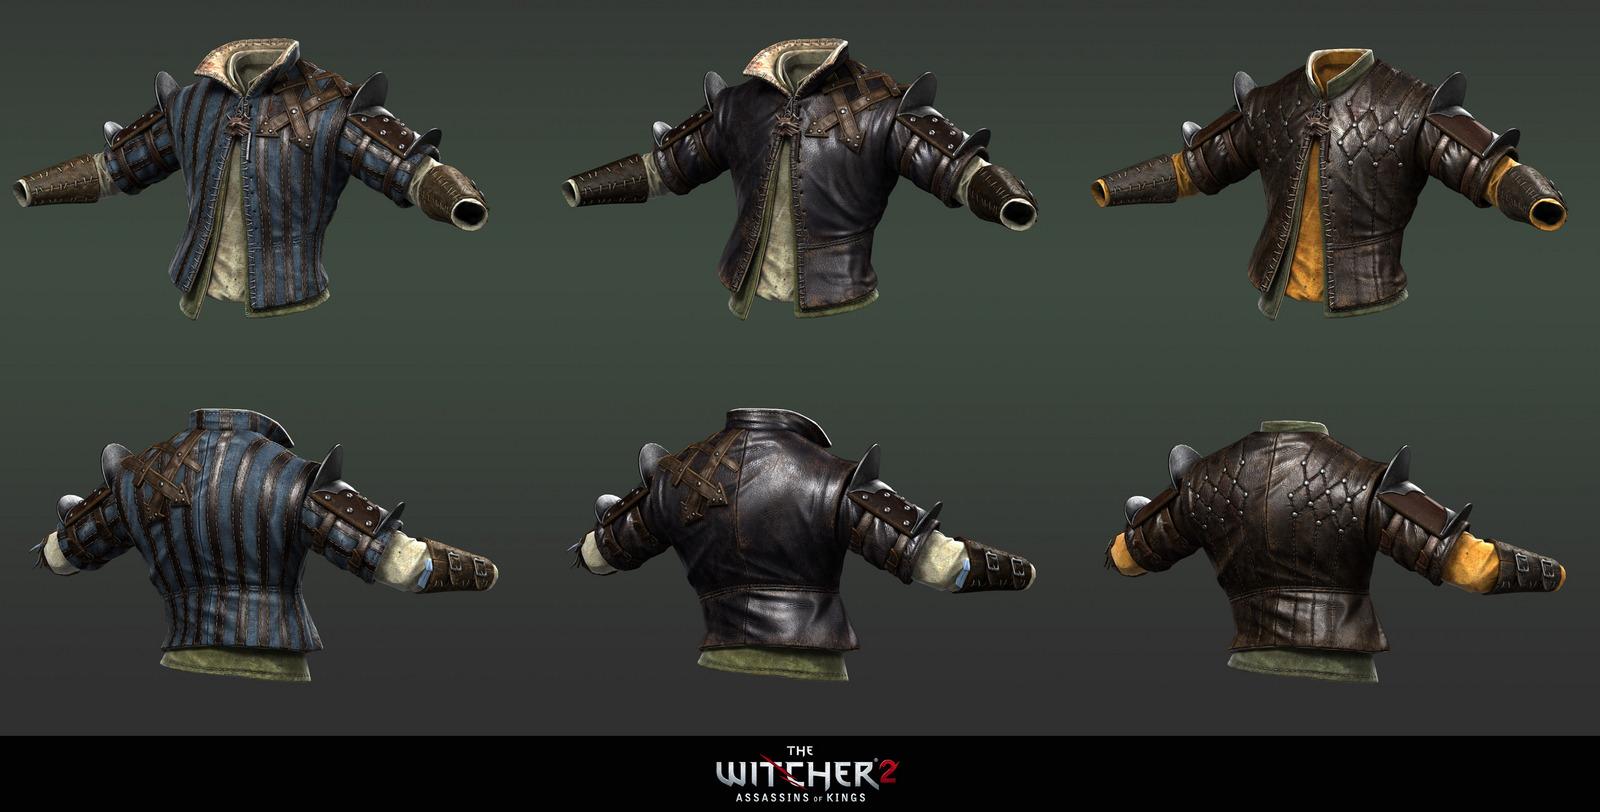 Witcher 2 Armors 3 By Scratcherpen On Deviantart